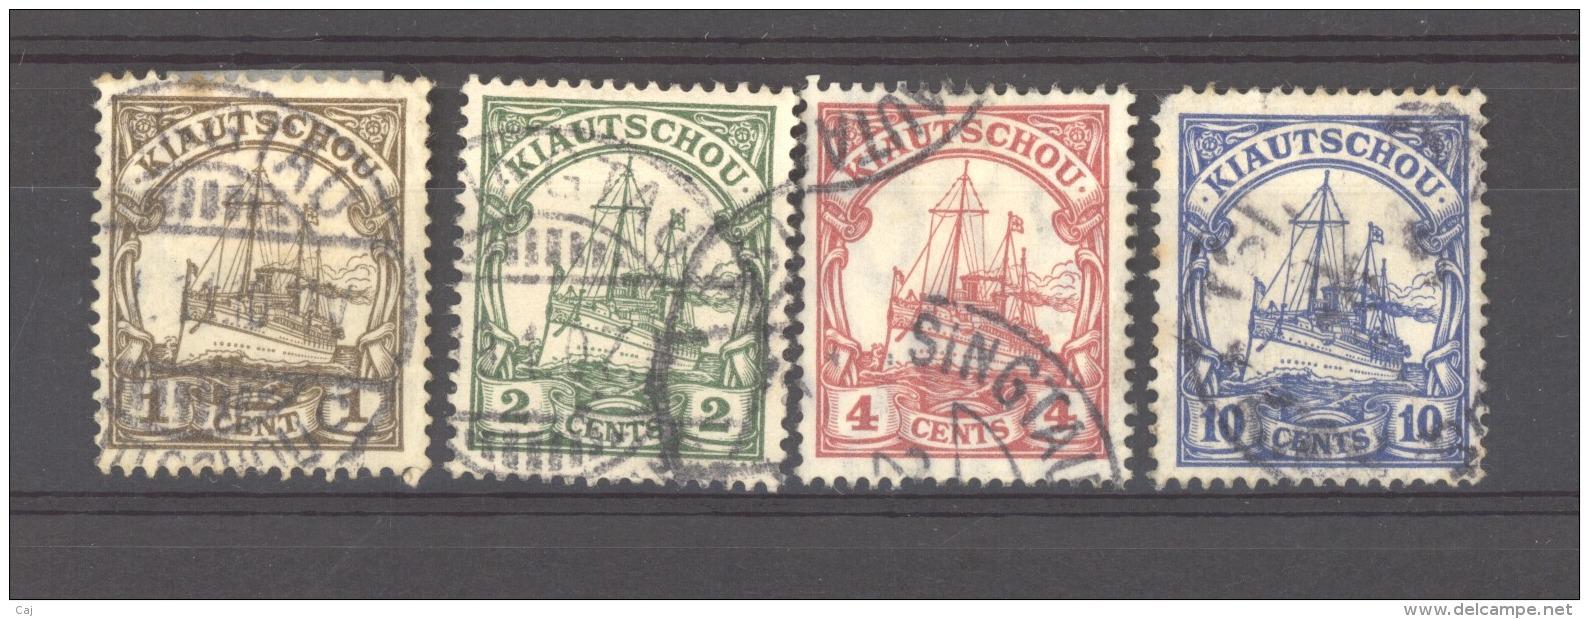 Allemagne  -  Kiautchou  :  Yv  24-27  (o) - Colonie: Kiautchou